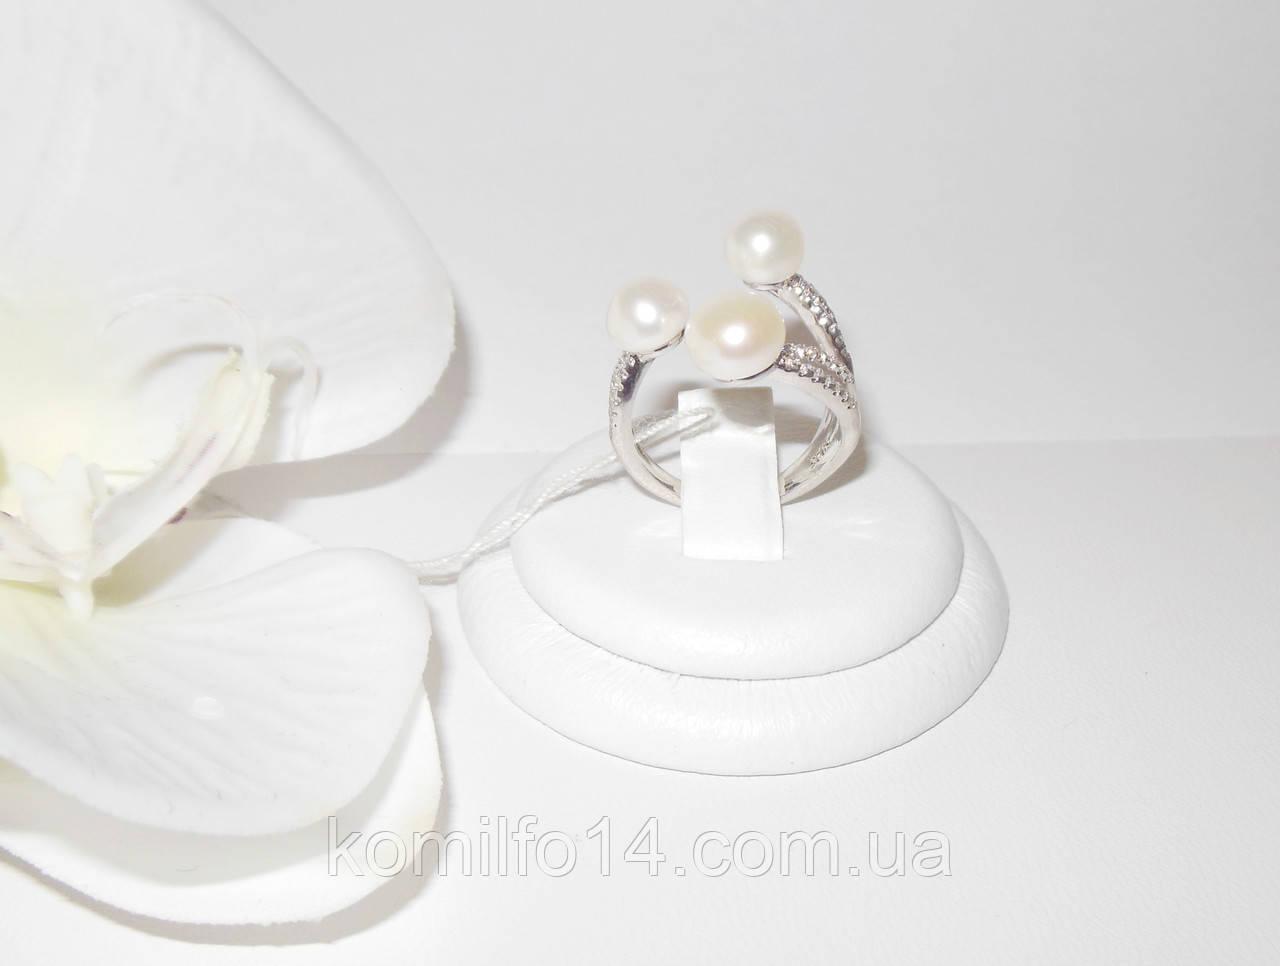 Серебряное кольцо с речным жемчугом